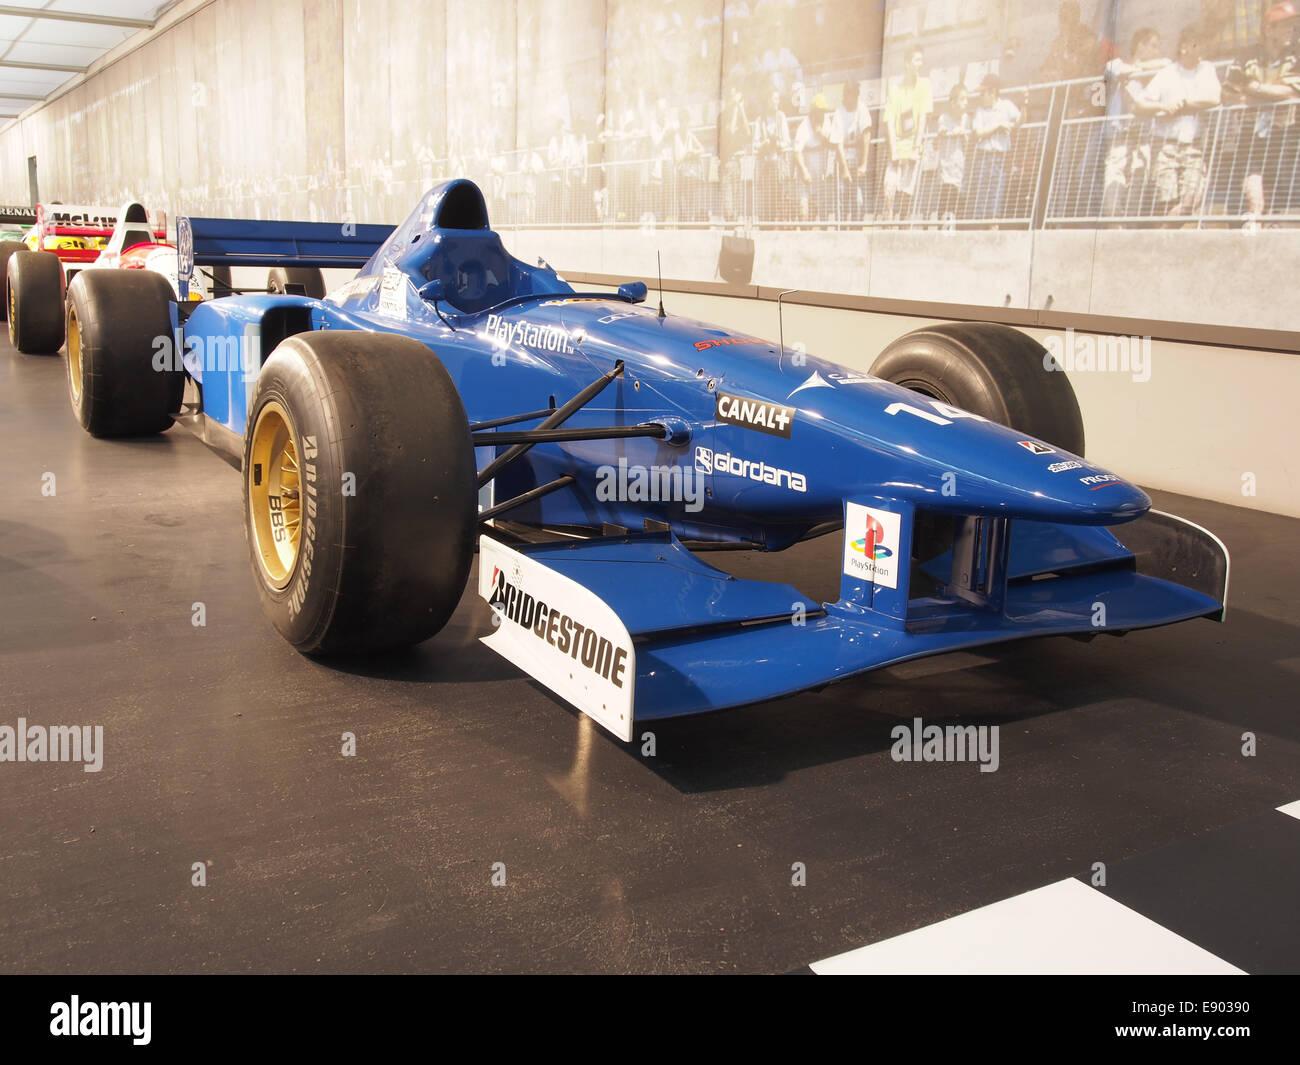 1996 Ligier Mugen-Honda JS43 driven by Olivier Panis, pic3 - Stock Image